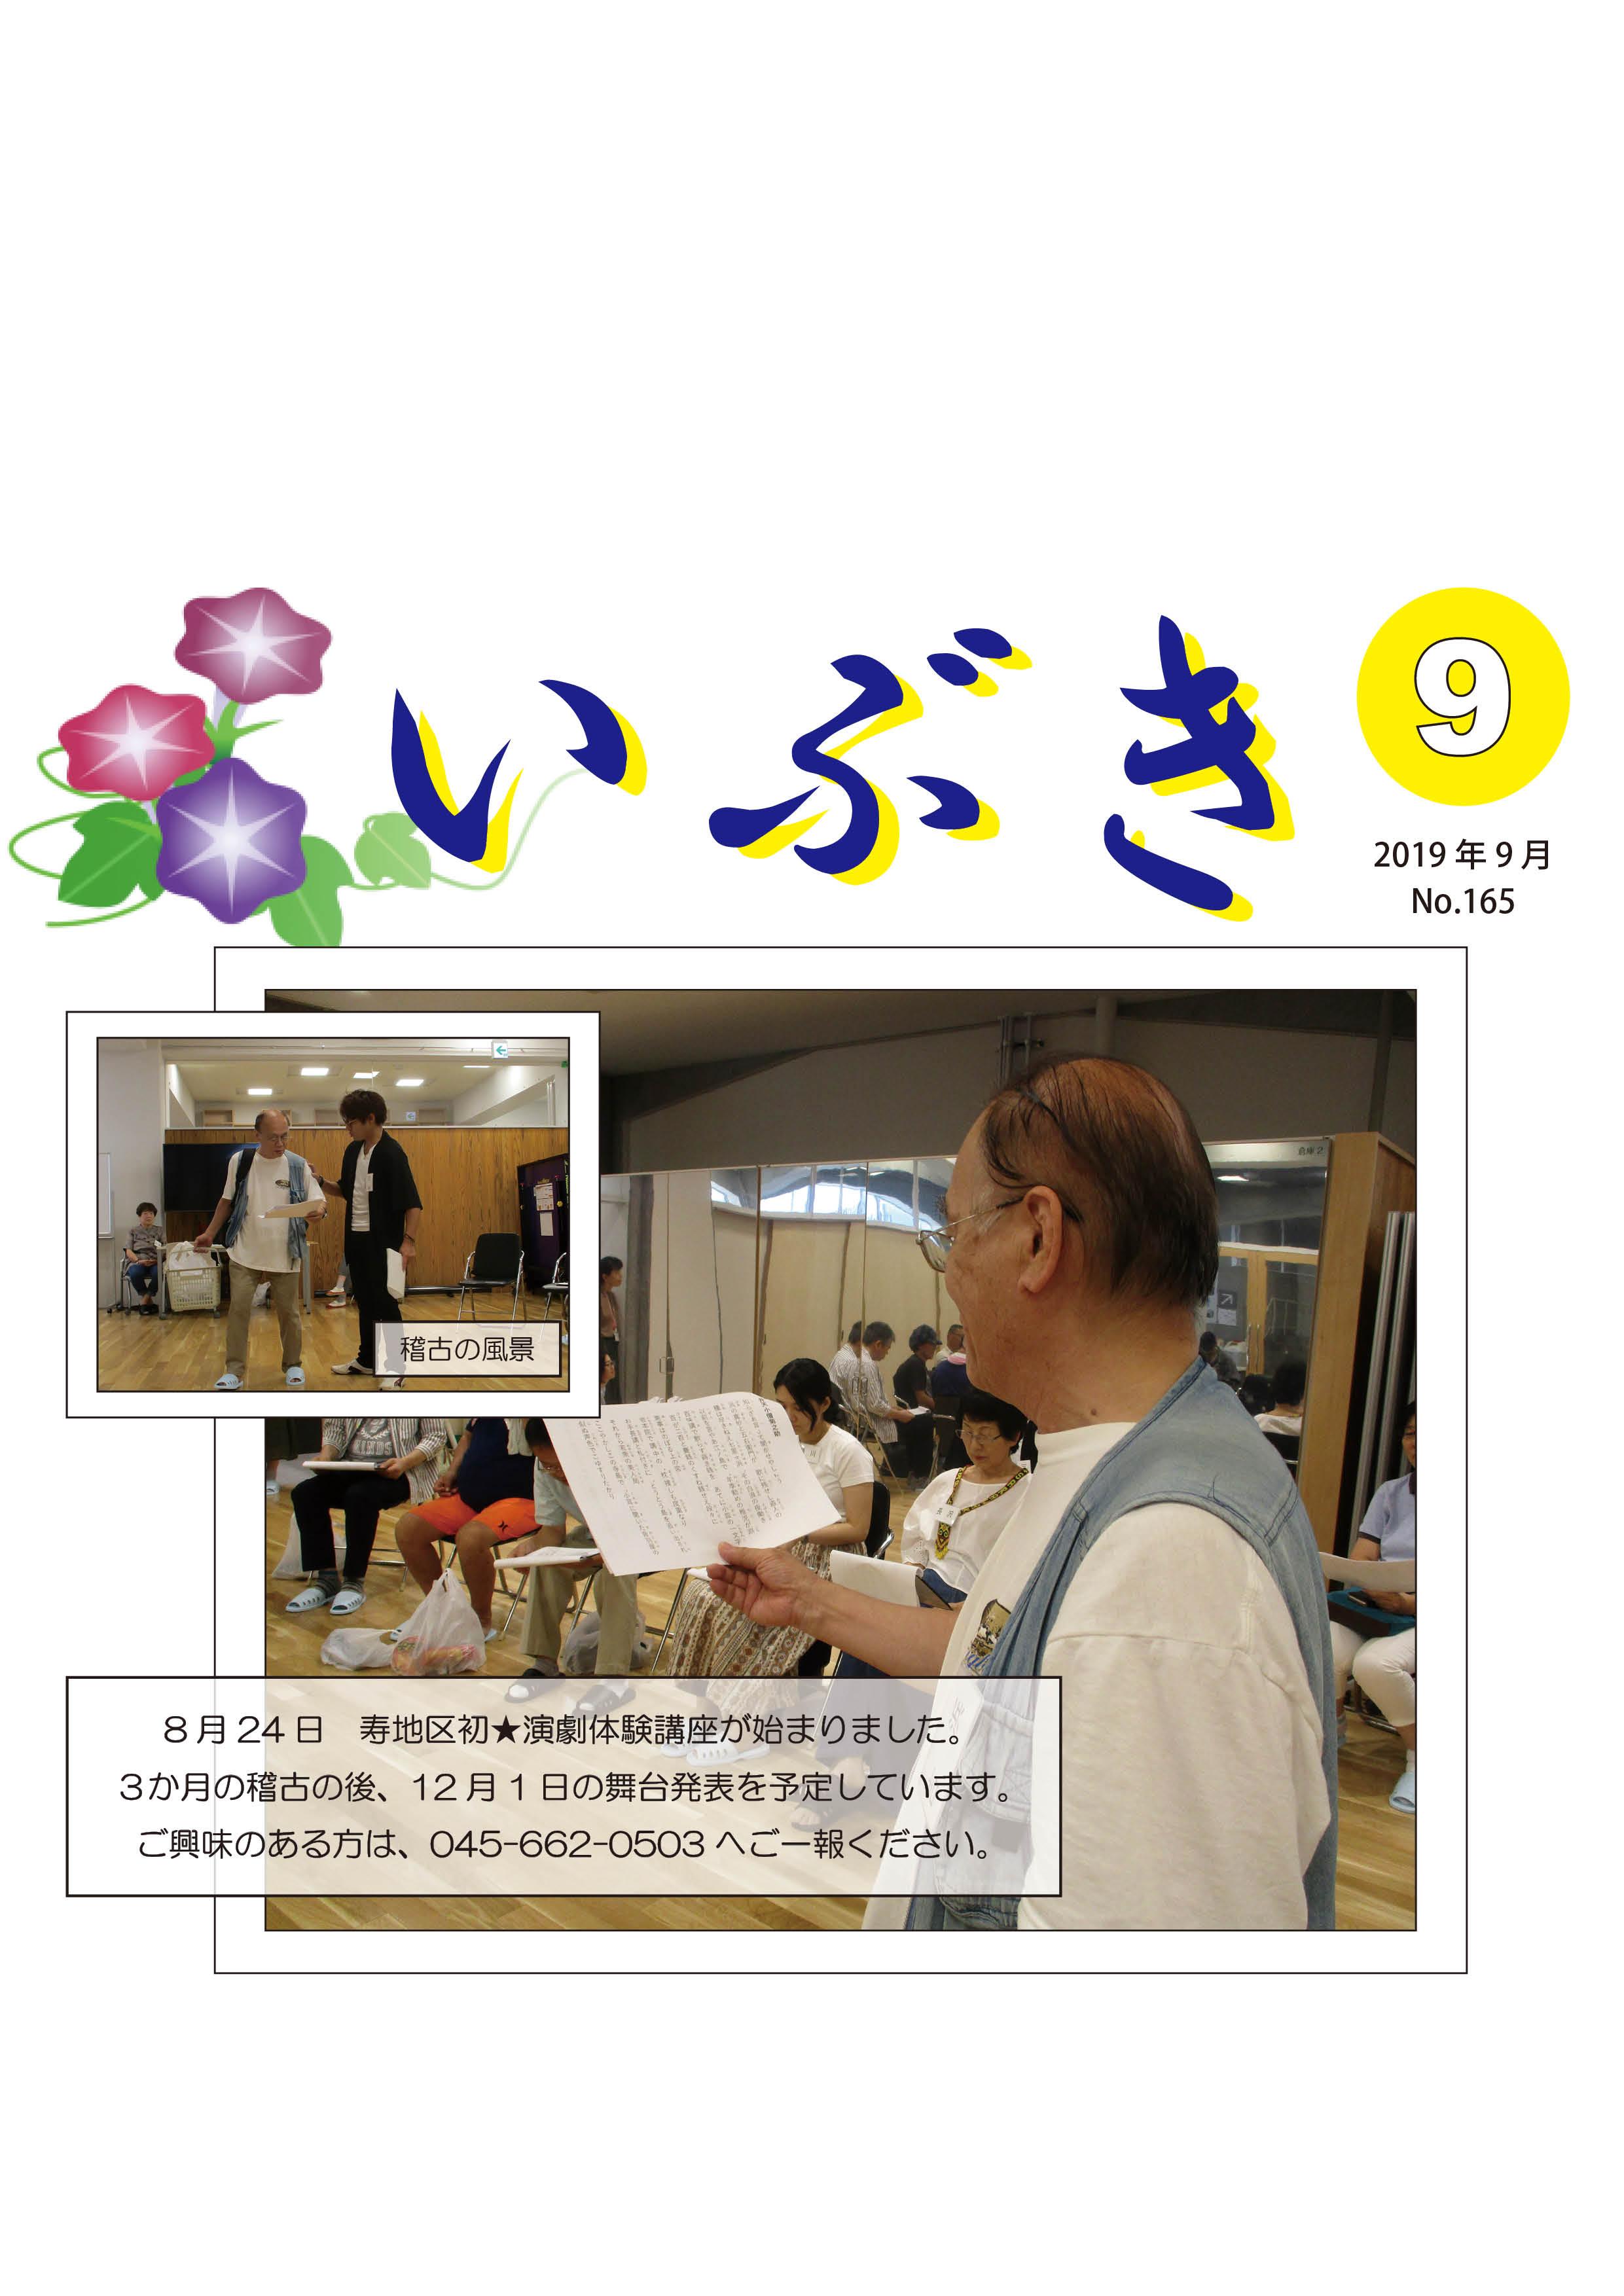 広報紙いぶき2019年9月号(No.165)